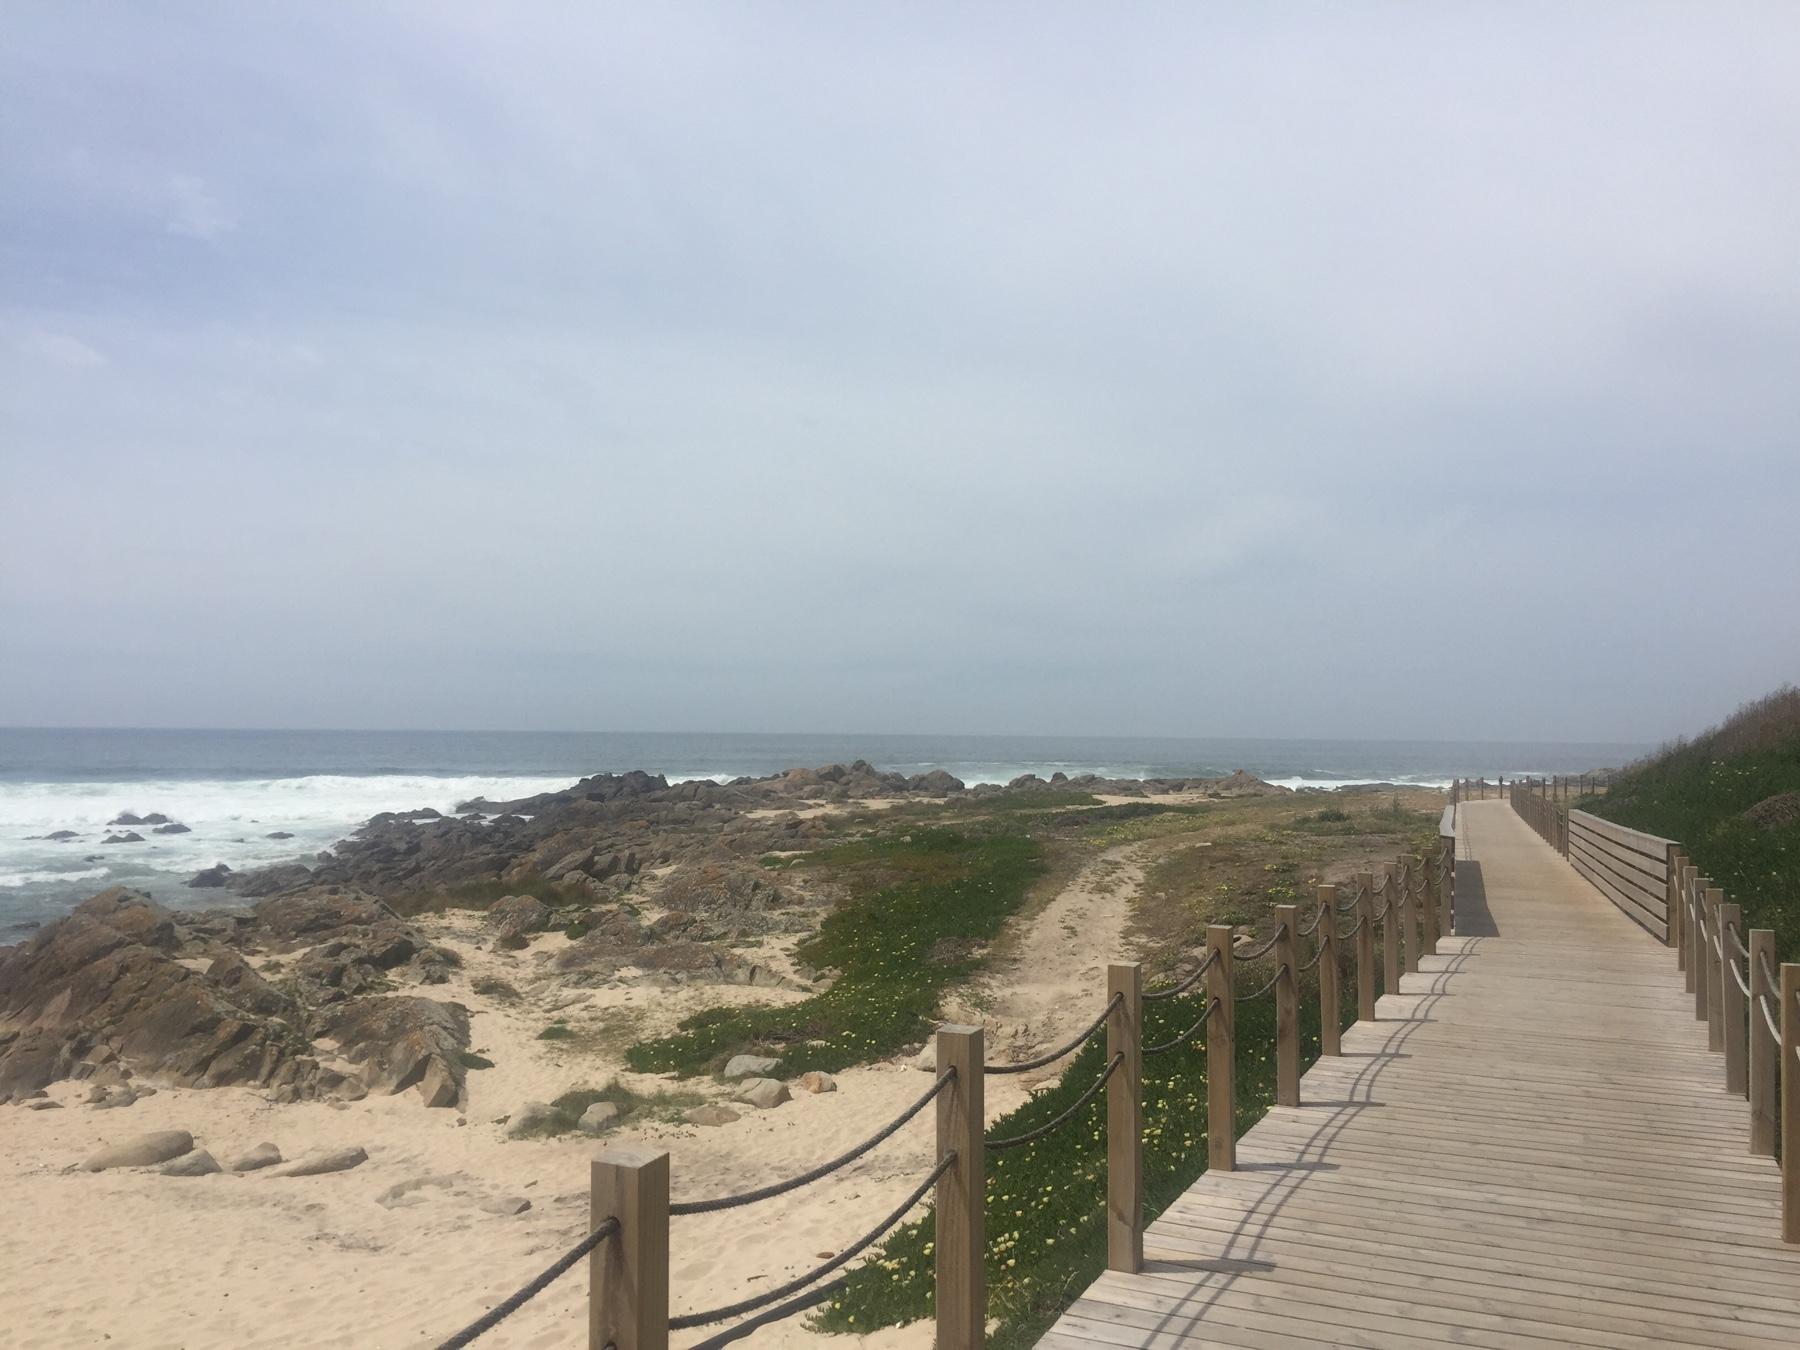 Auf Holzbohlen entlang der Atlantik-Küste, Caminho Portugues, Etappe 2 Lavra Fao